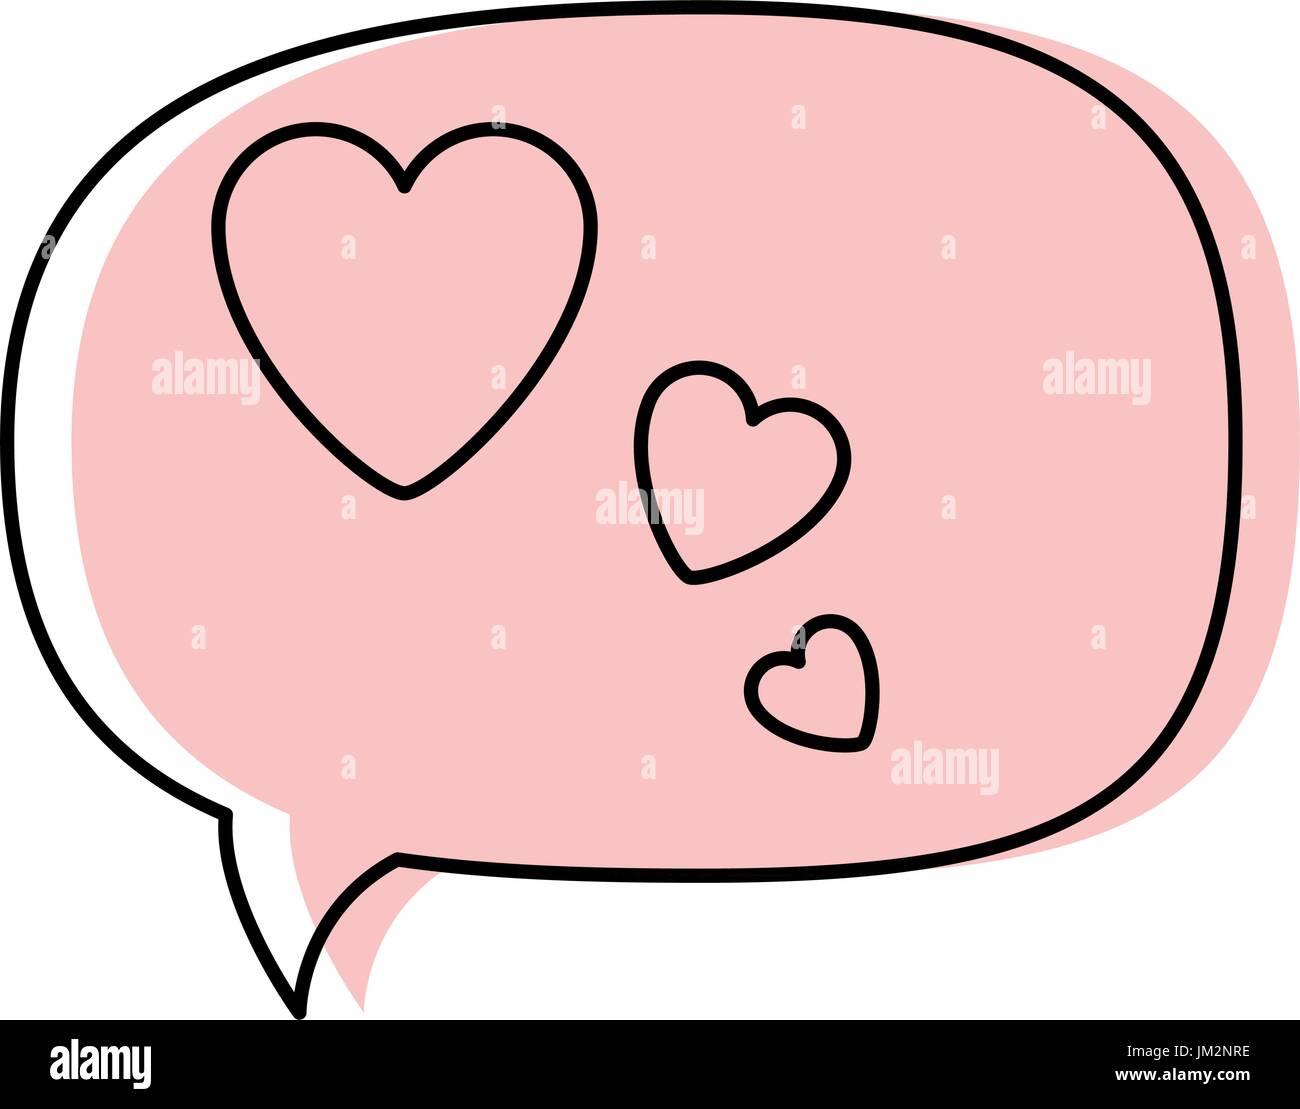 Amor pensamiento discurso bubble icon ilustración vectorial diseño gráfico Ilustración del Vector